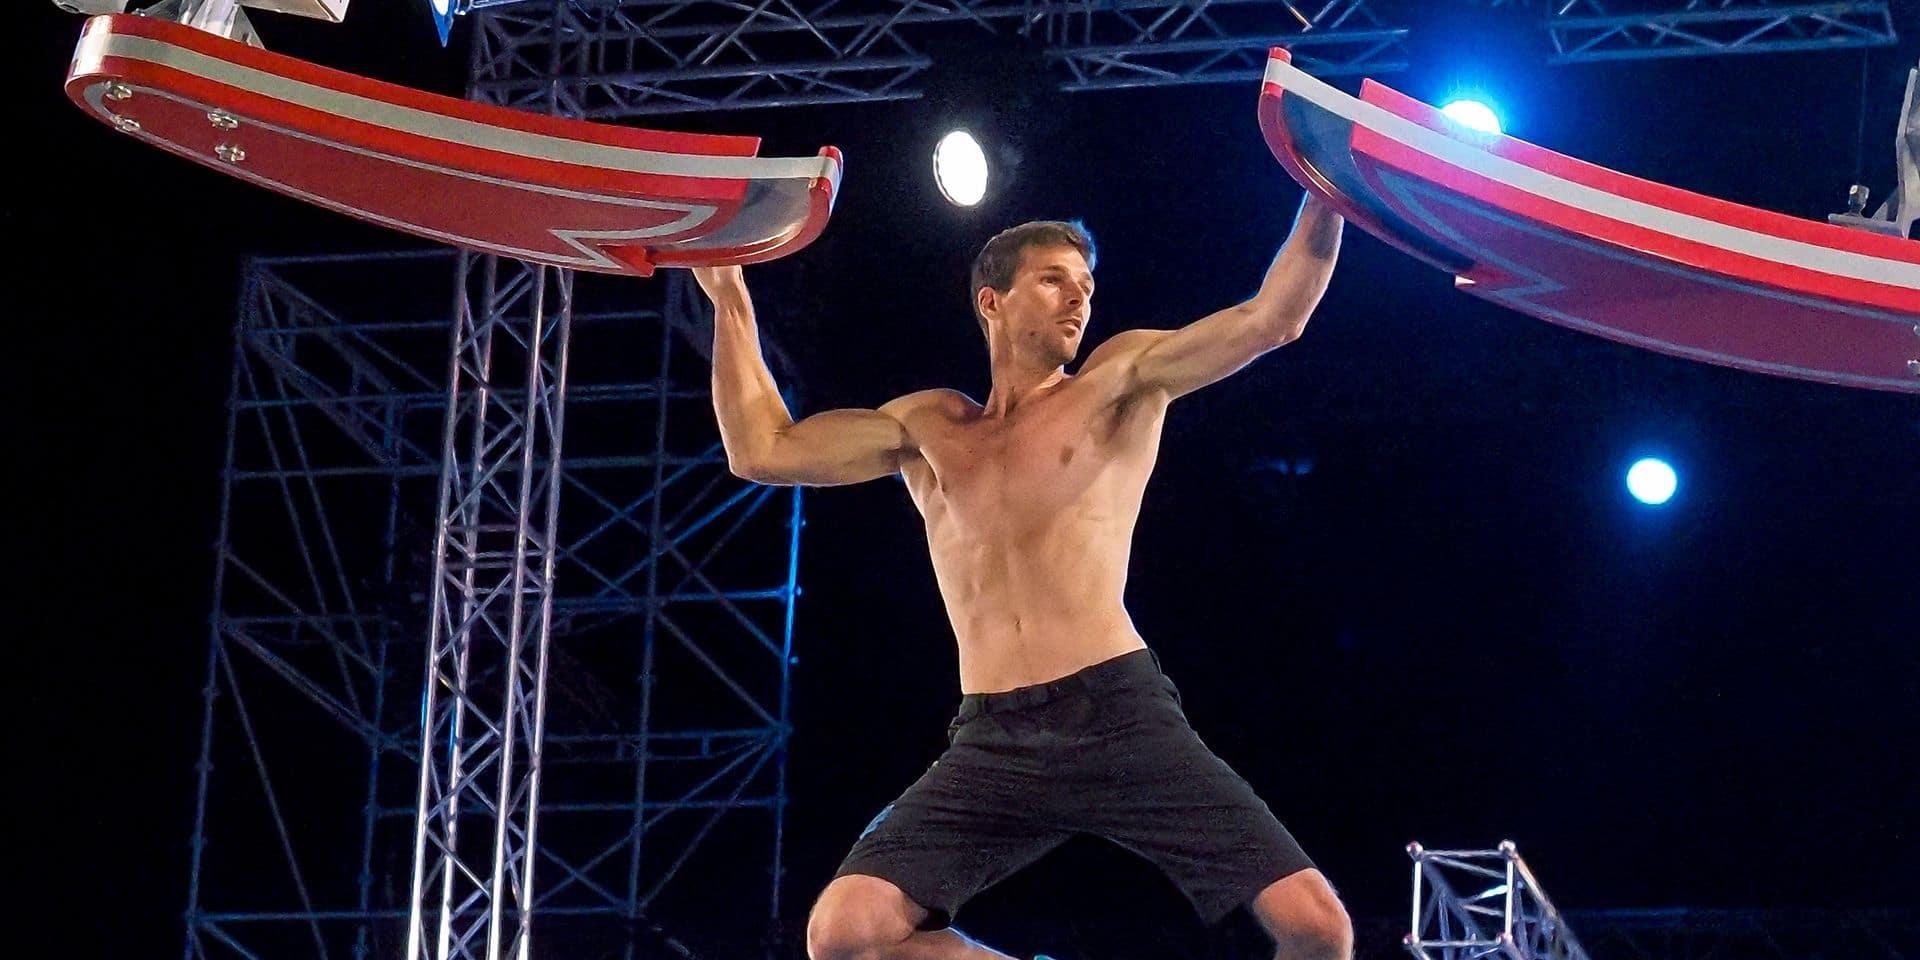 """Grande finale de """"Ninja Warrior"""" ce samedi soir: pas de Belge, une seule femme et... des obstacles encore plus impressionnants"""